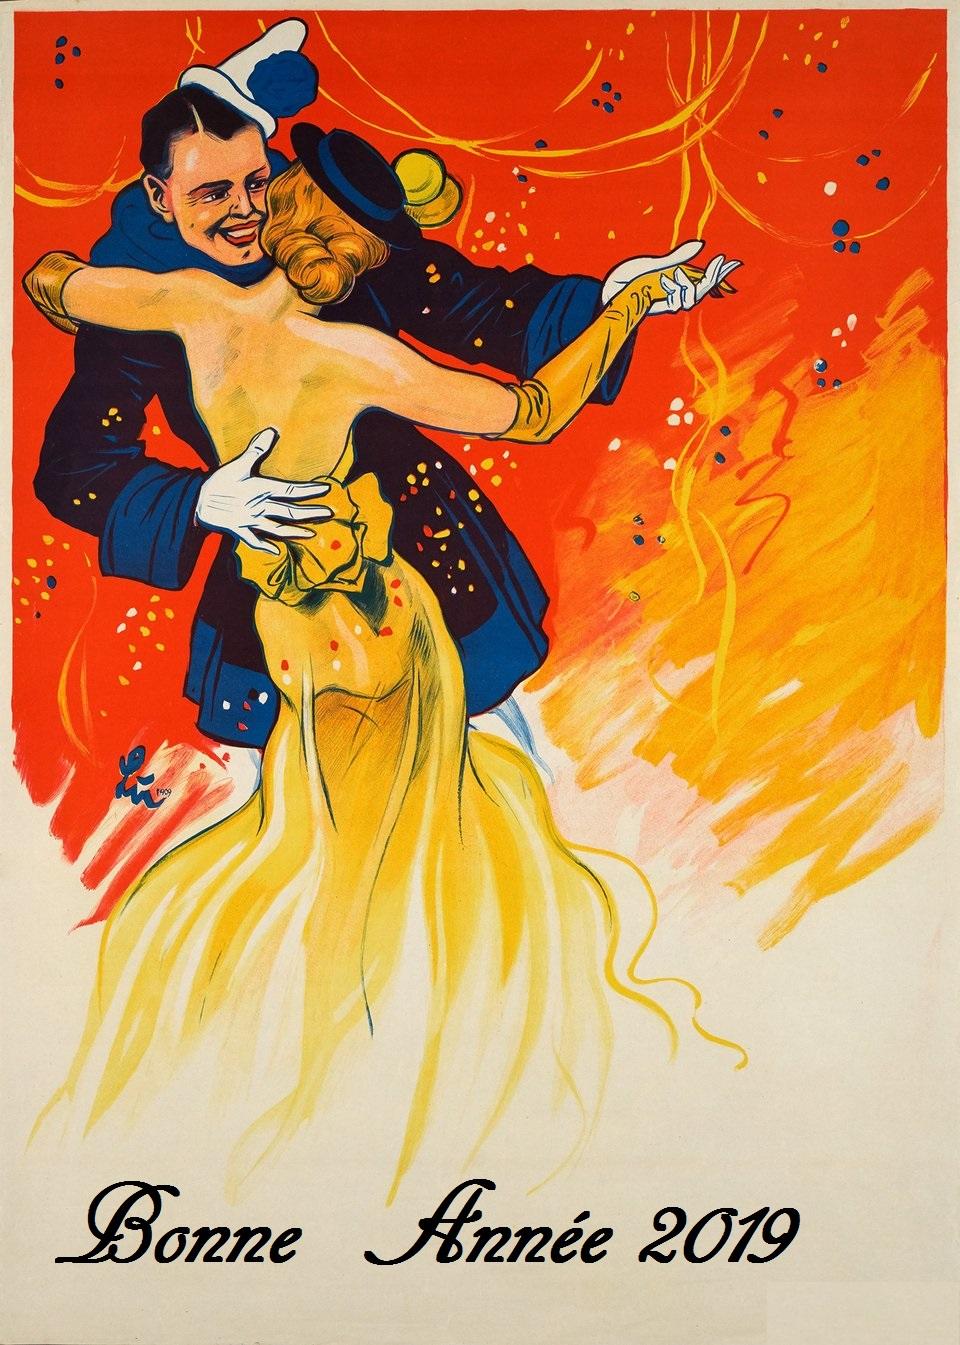 carnaval-avant-la-lettre-allemagne-41120-dancer-vintage-poster.jpg.960x0_q85_upscale - Copie.jpg